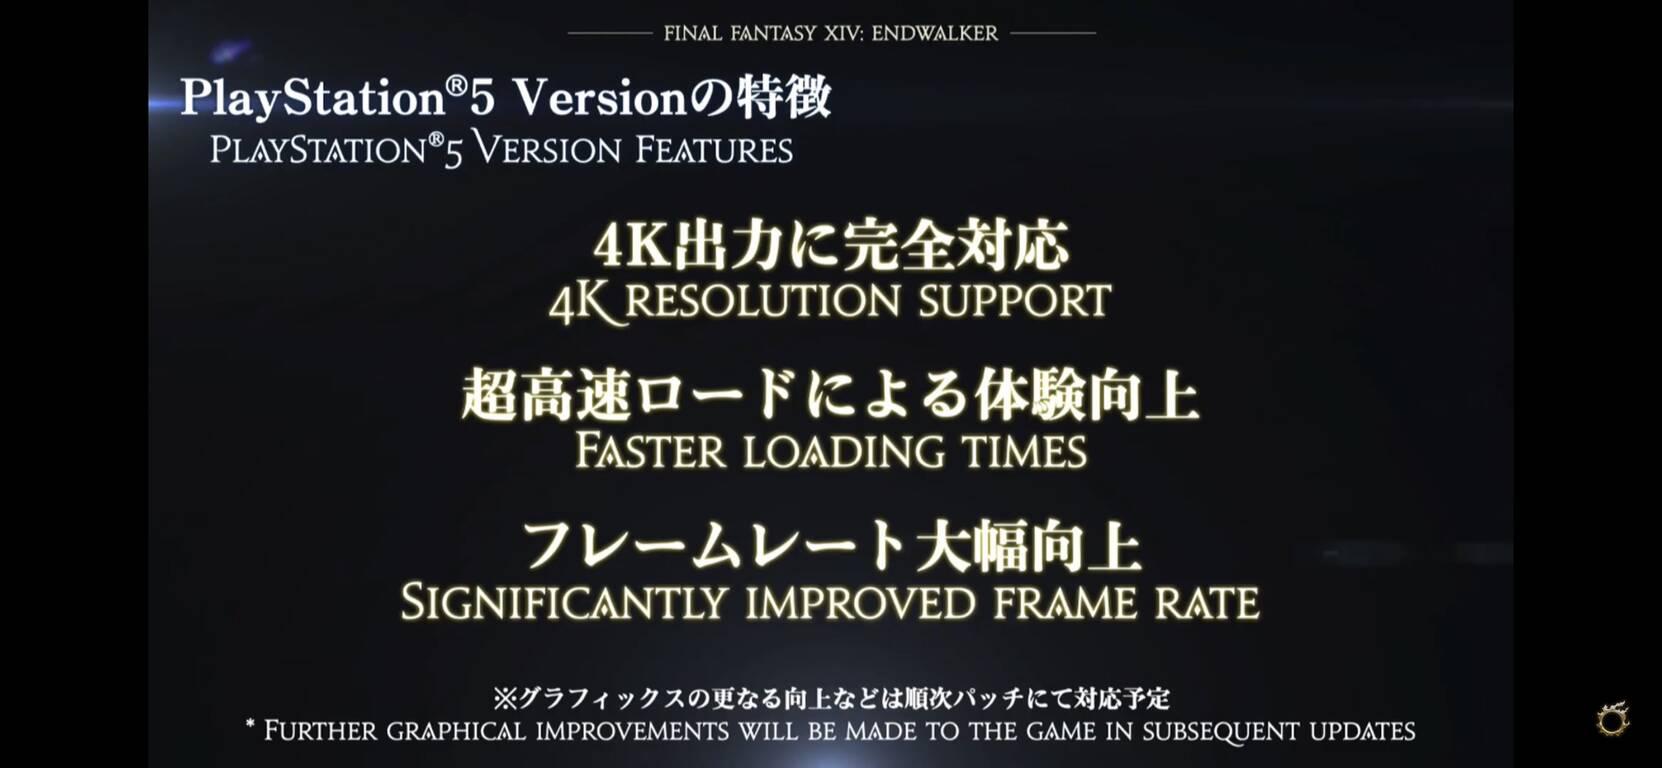 PS5版のFF14のロードが速い!更に今後グラフィックの一新を予定している事が判明!